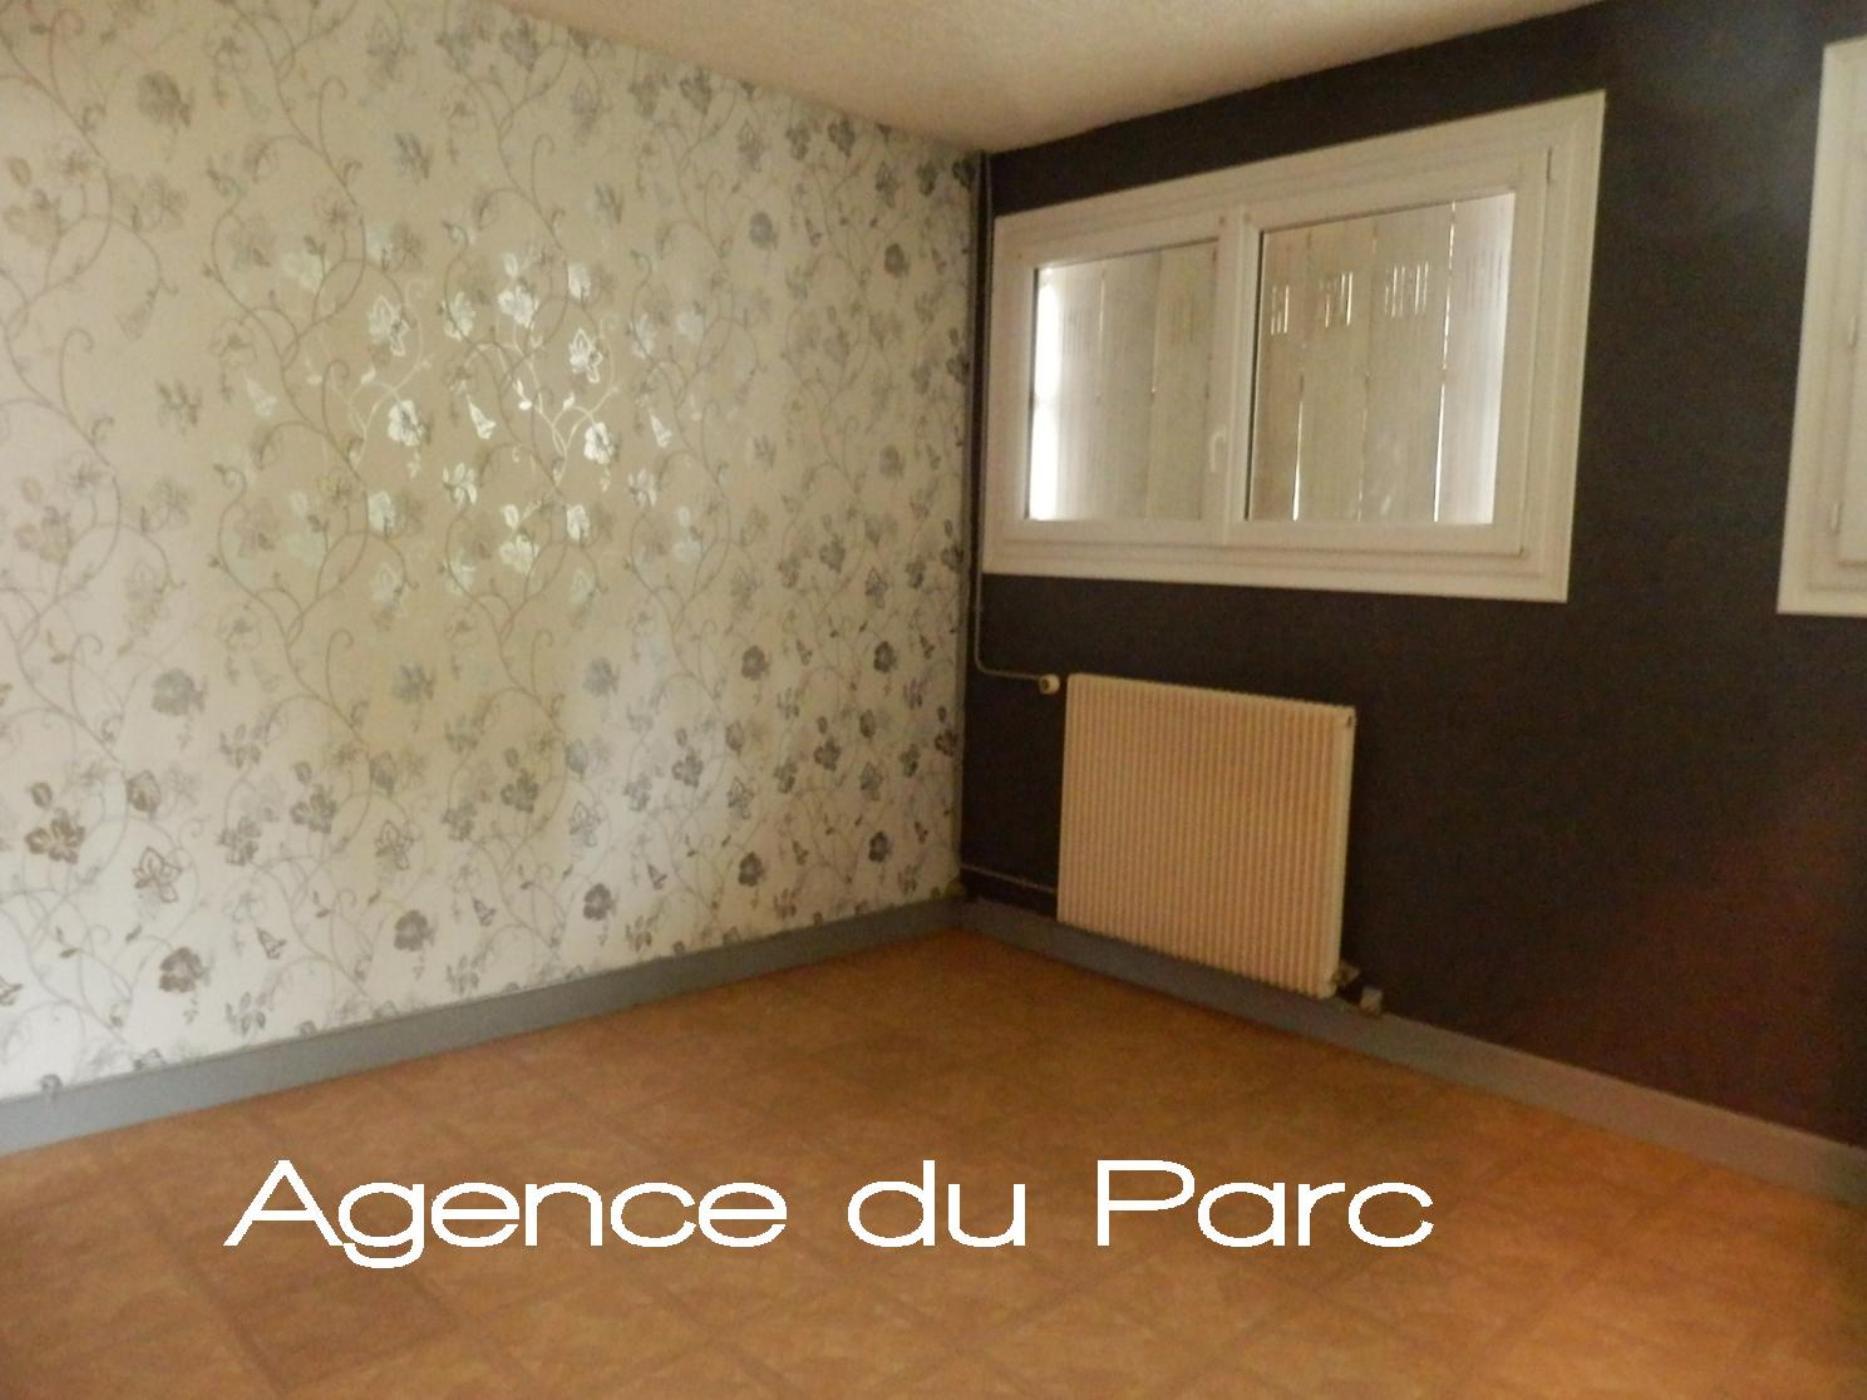 acheter vente d 39 un appartement f4 en duplex centre ville de caudebec en caux normandie 76. Black Bedroom Furniture Sets. Home Design Ideas